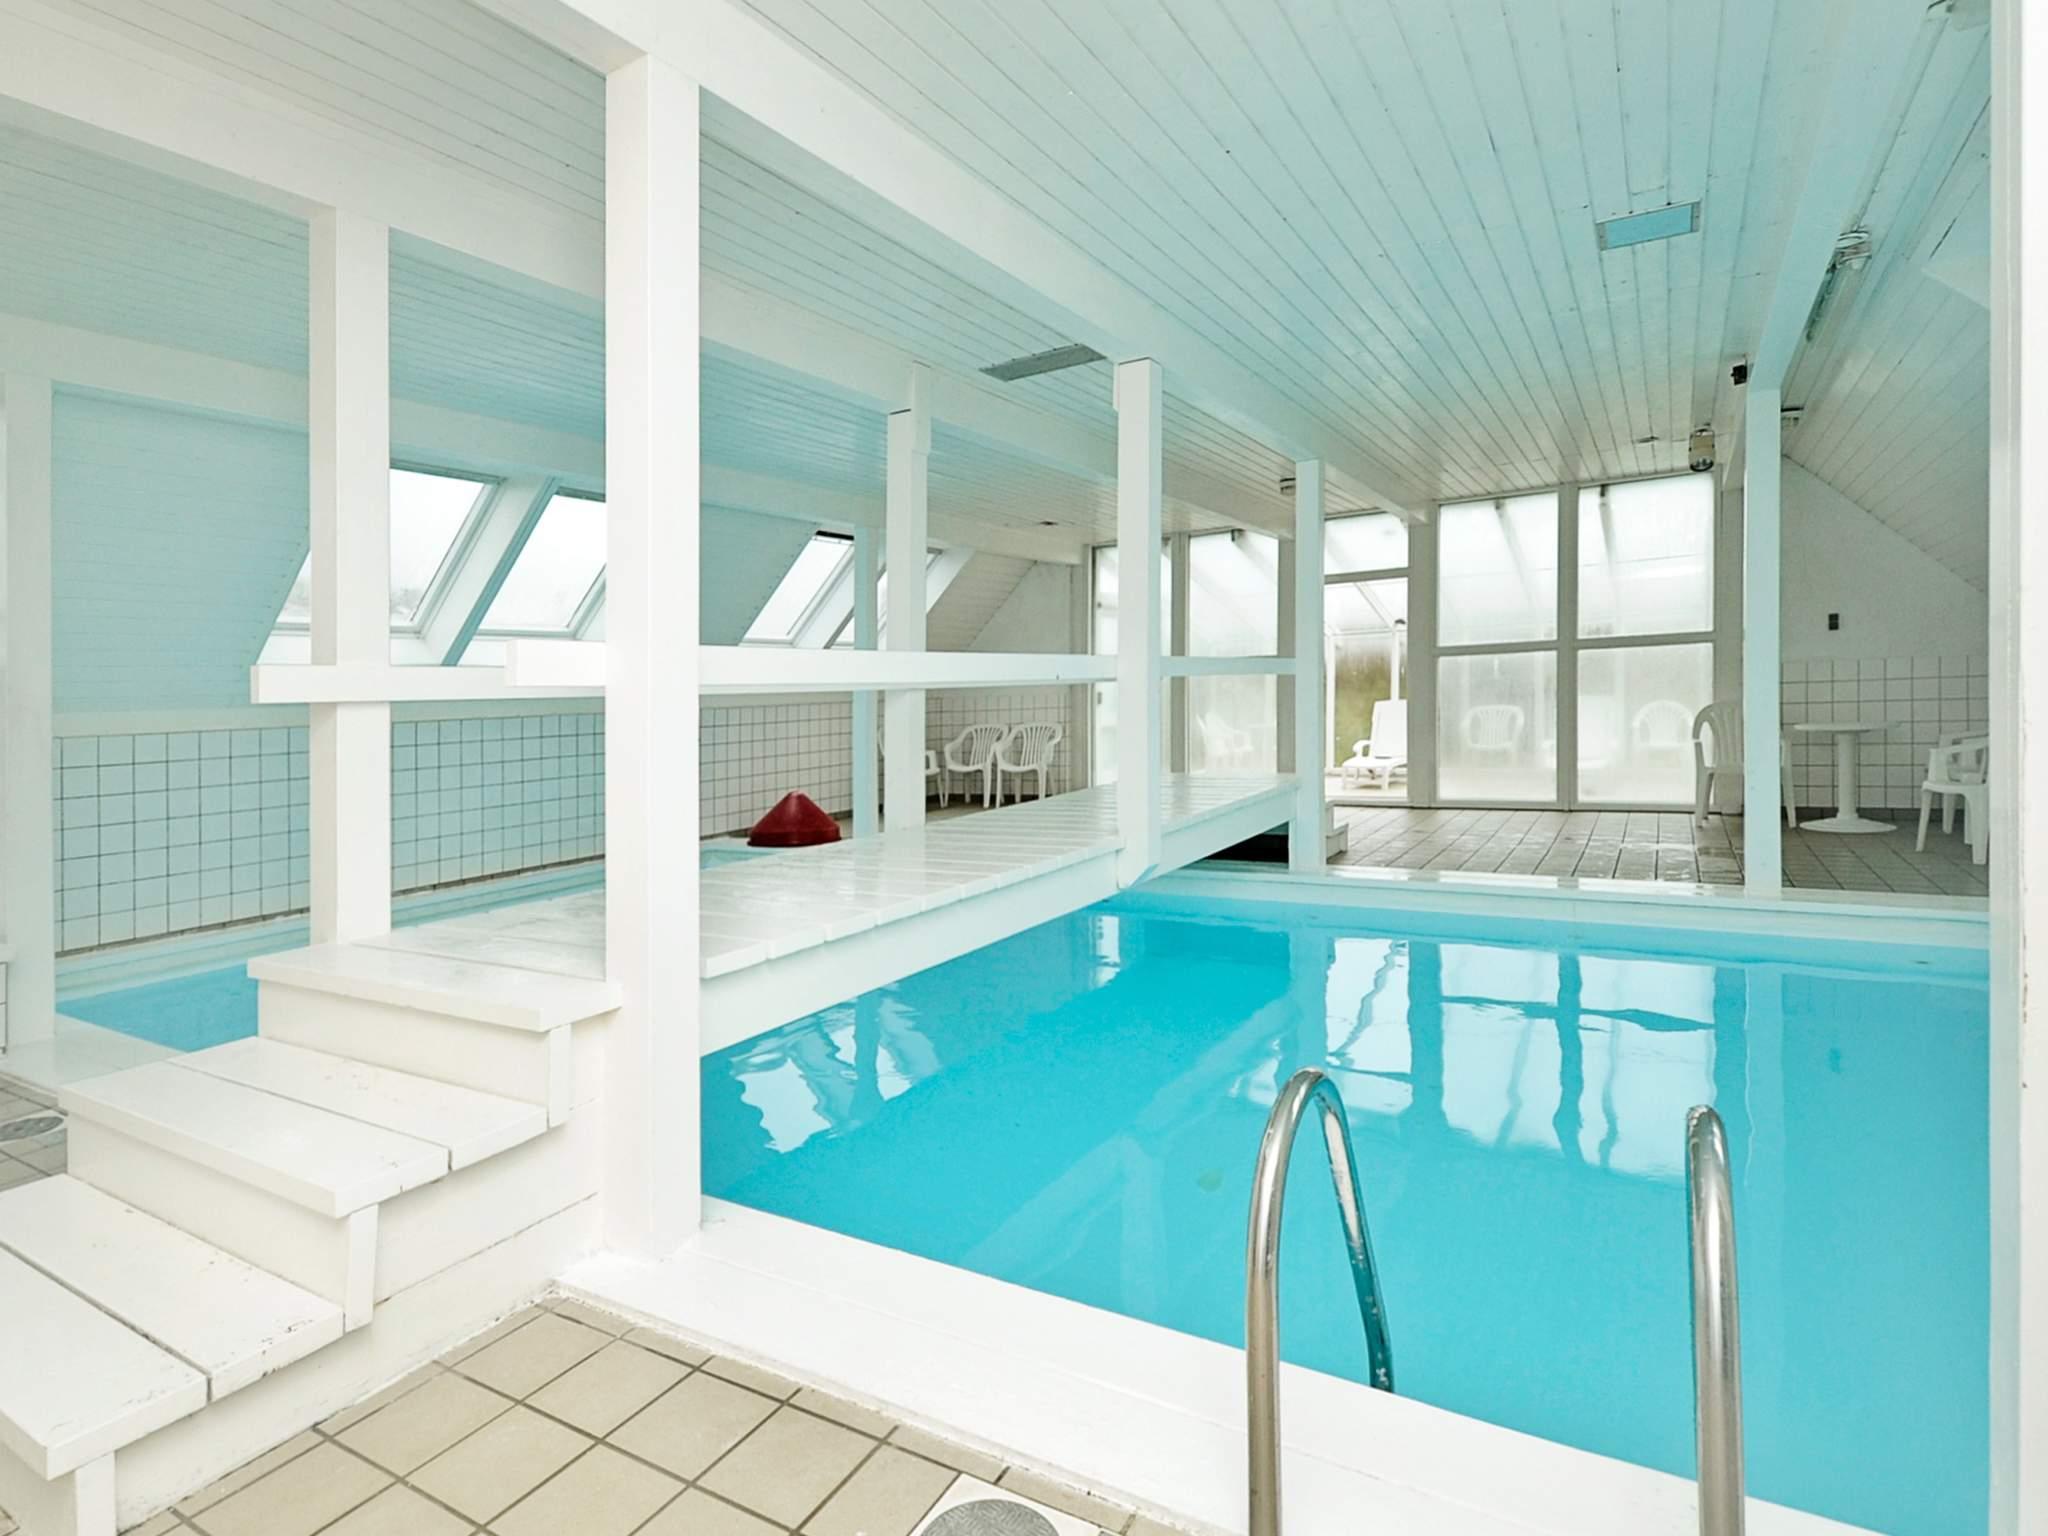 Ferienhaus Fjaltring Ferieby (88883), Fjaltring, , Limfjord, Dänemark, Bild 29